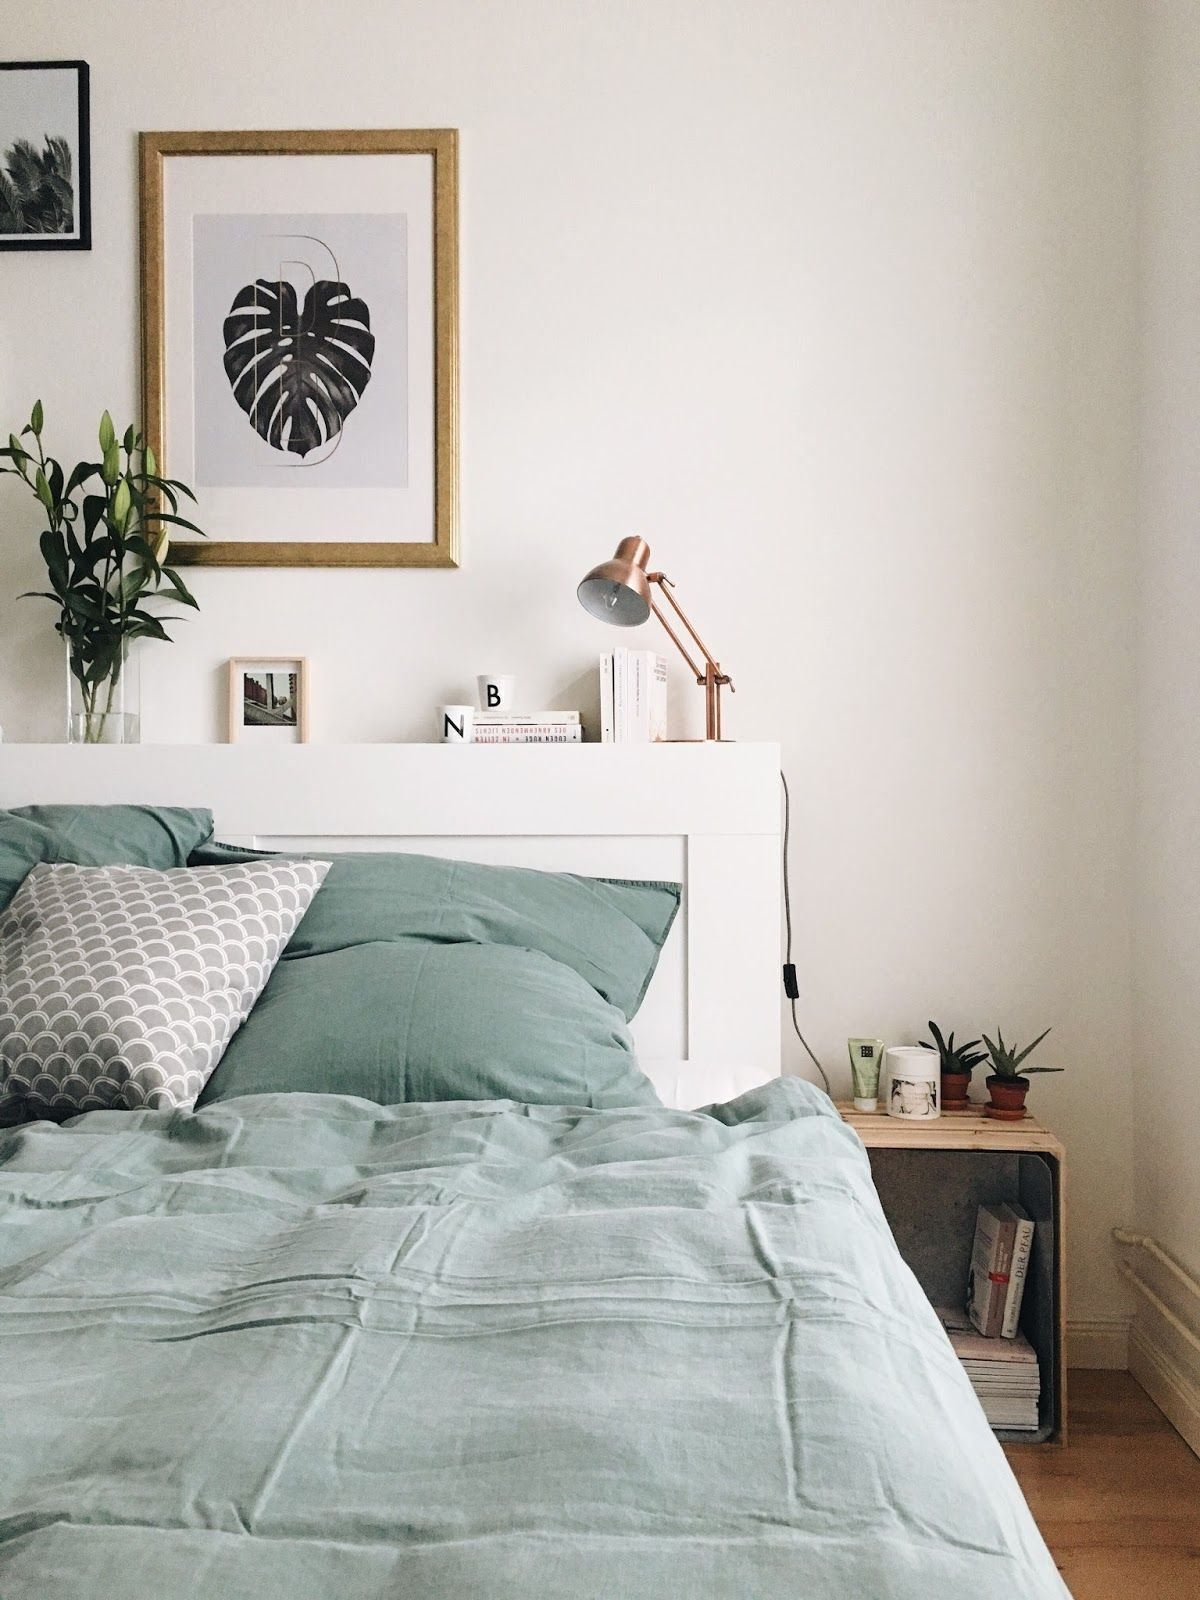 Schlafzimmer  Home Story In Hamburg, Mit Nori: Industrial Interieur, Skandinavische  Einrichtung Und Urban Jungle. Mit Dabei: String Regal, Sostrene Grene ...